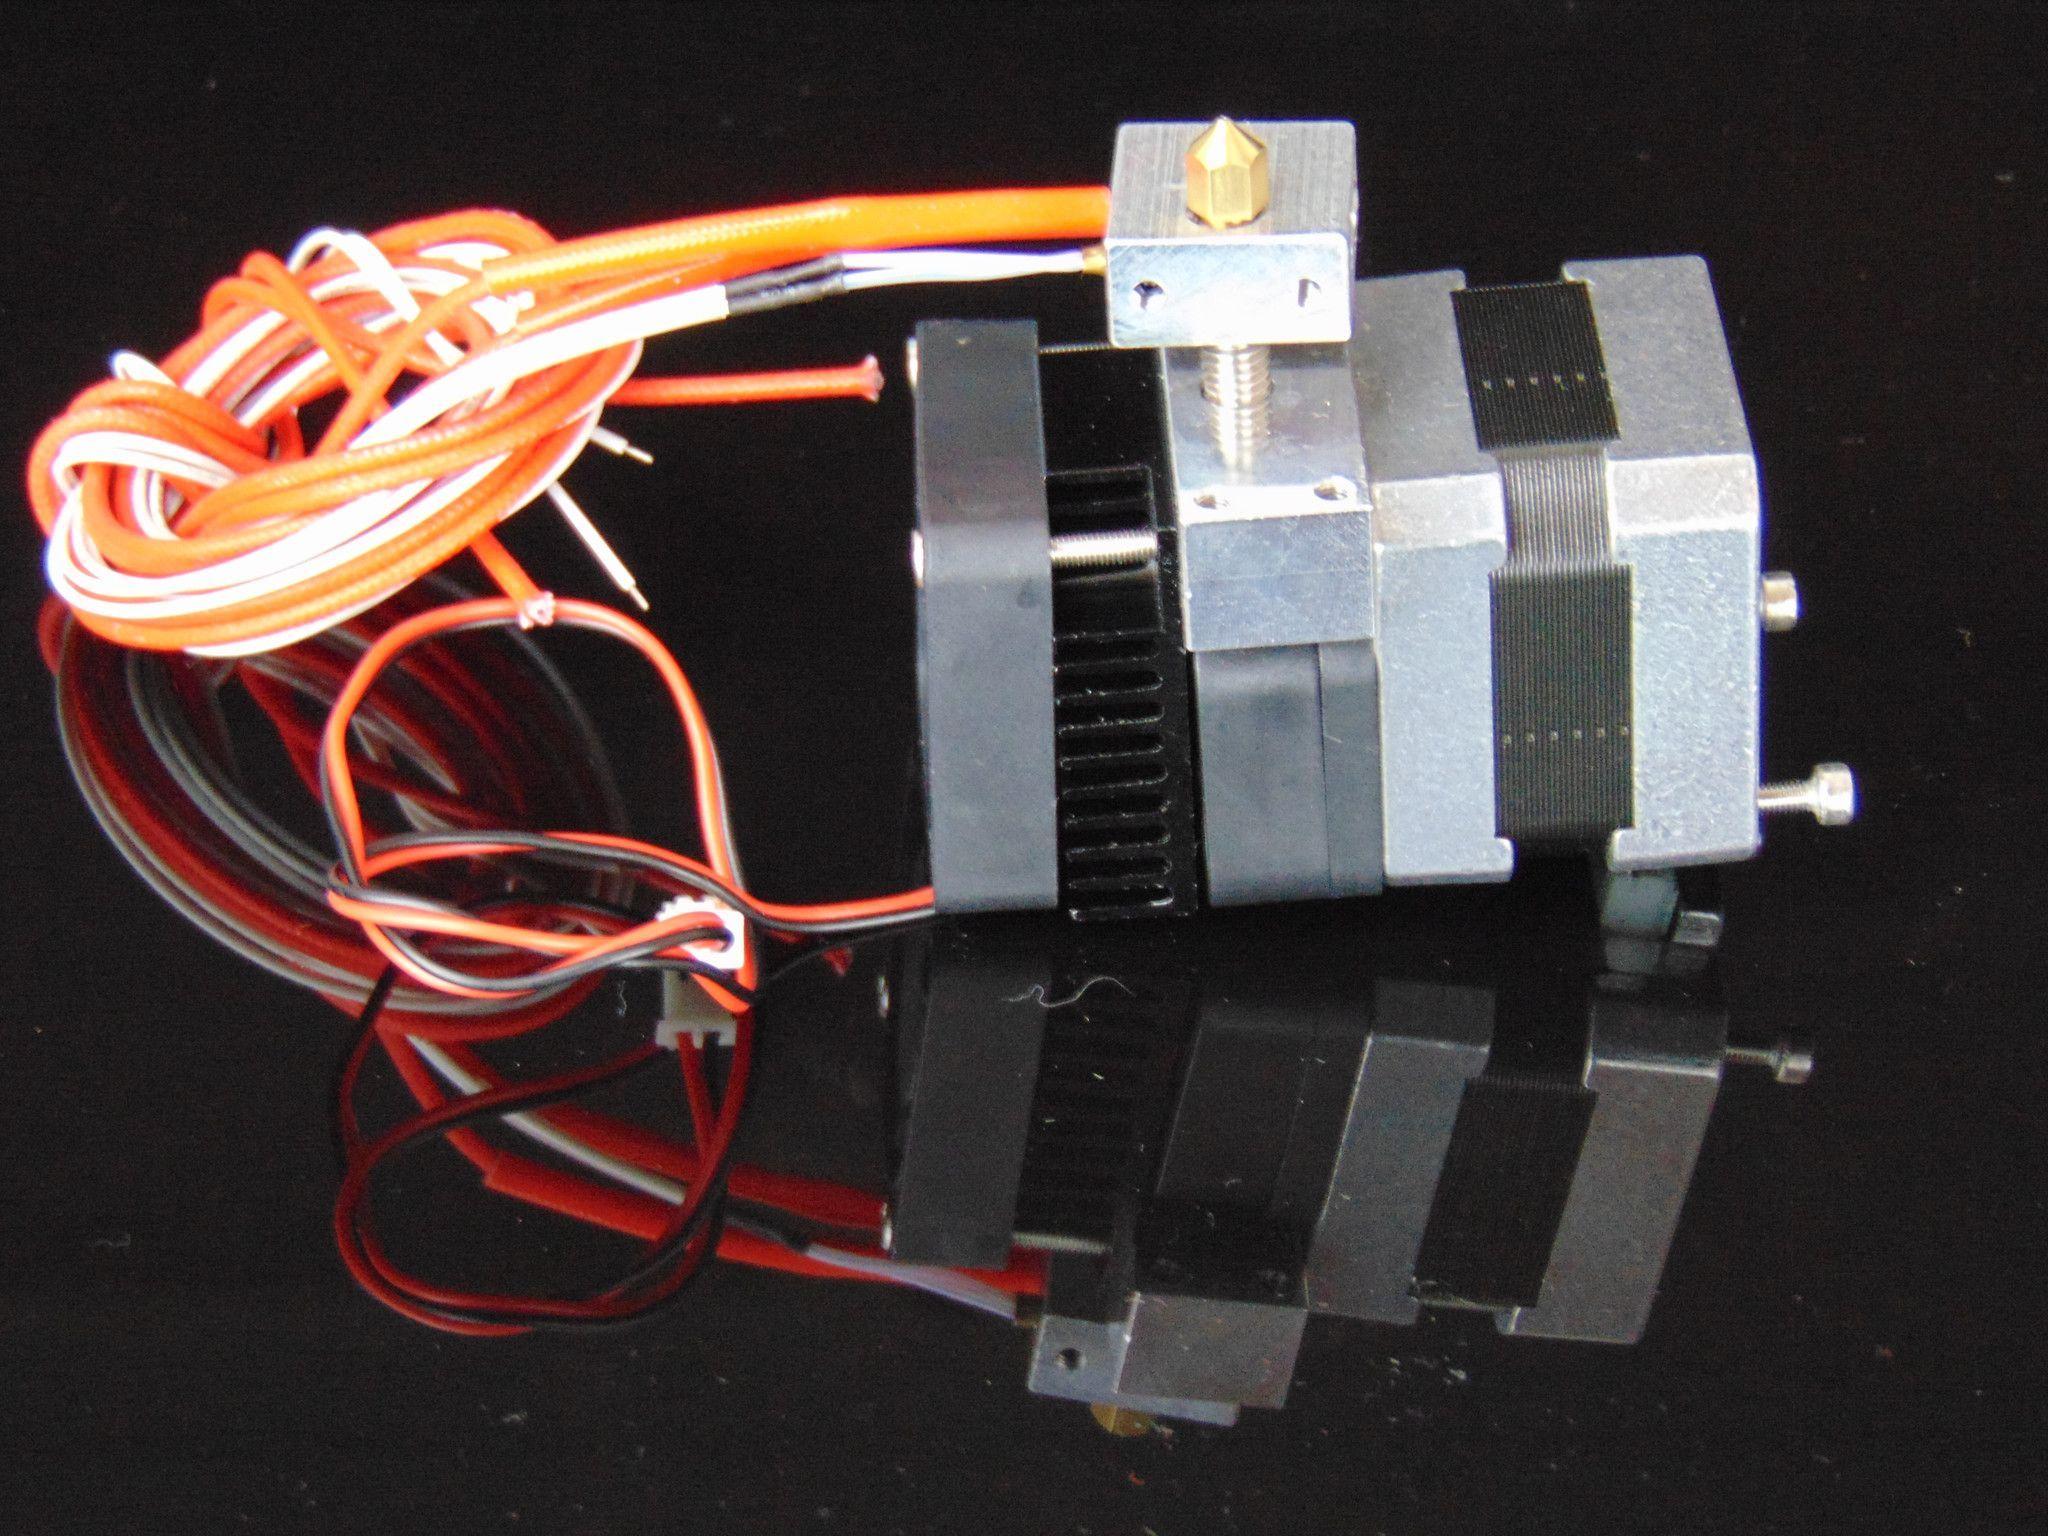 0.4mm Nozzle MK9 Mod Extruder Print Head